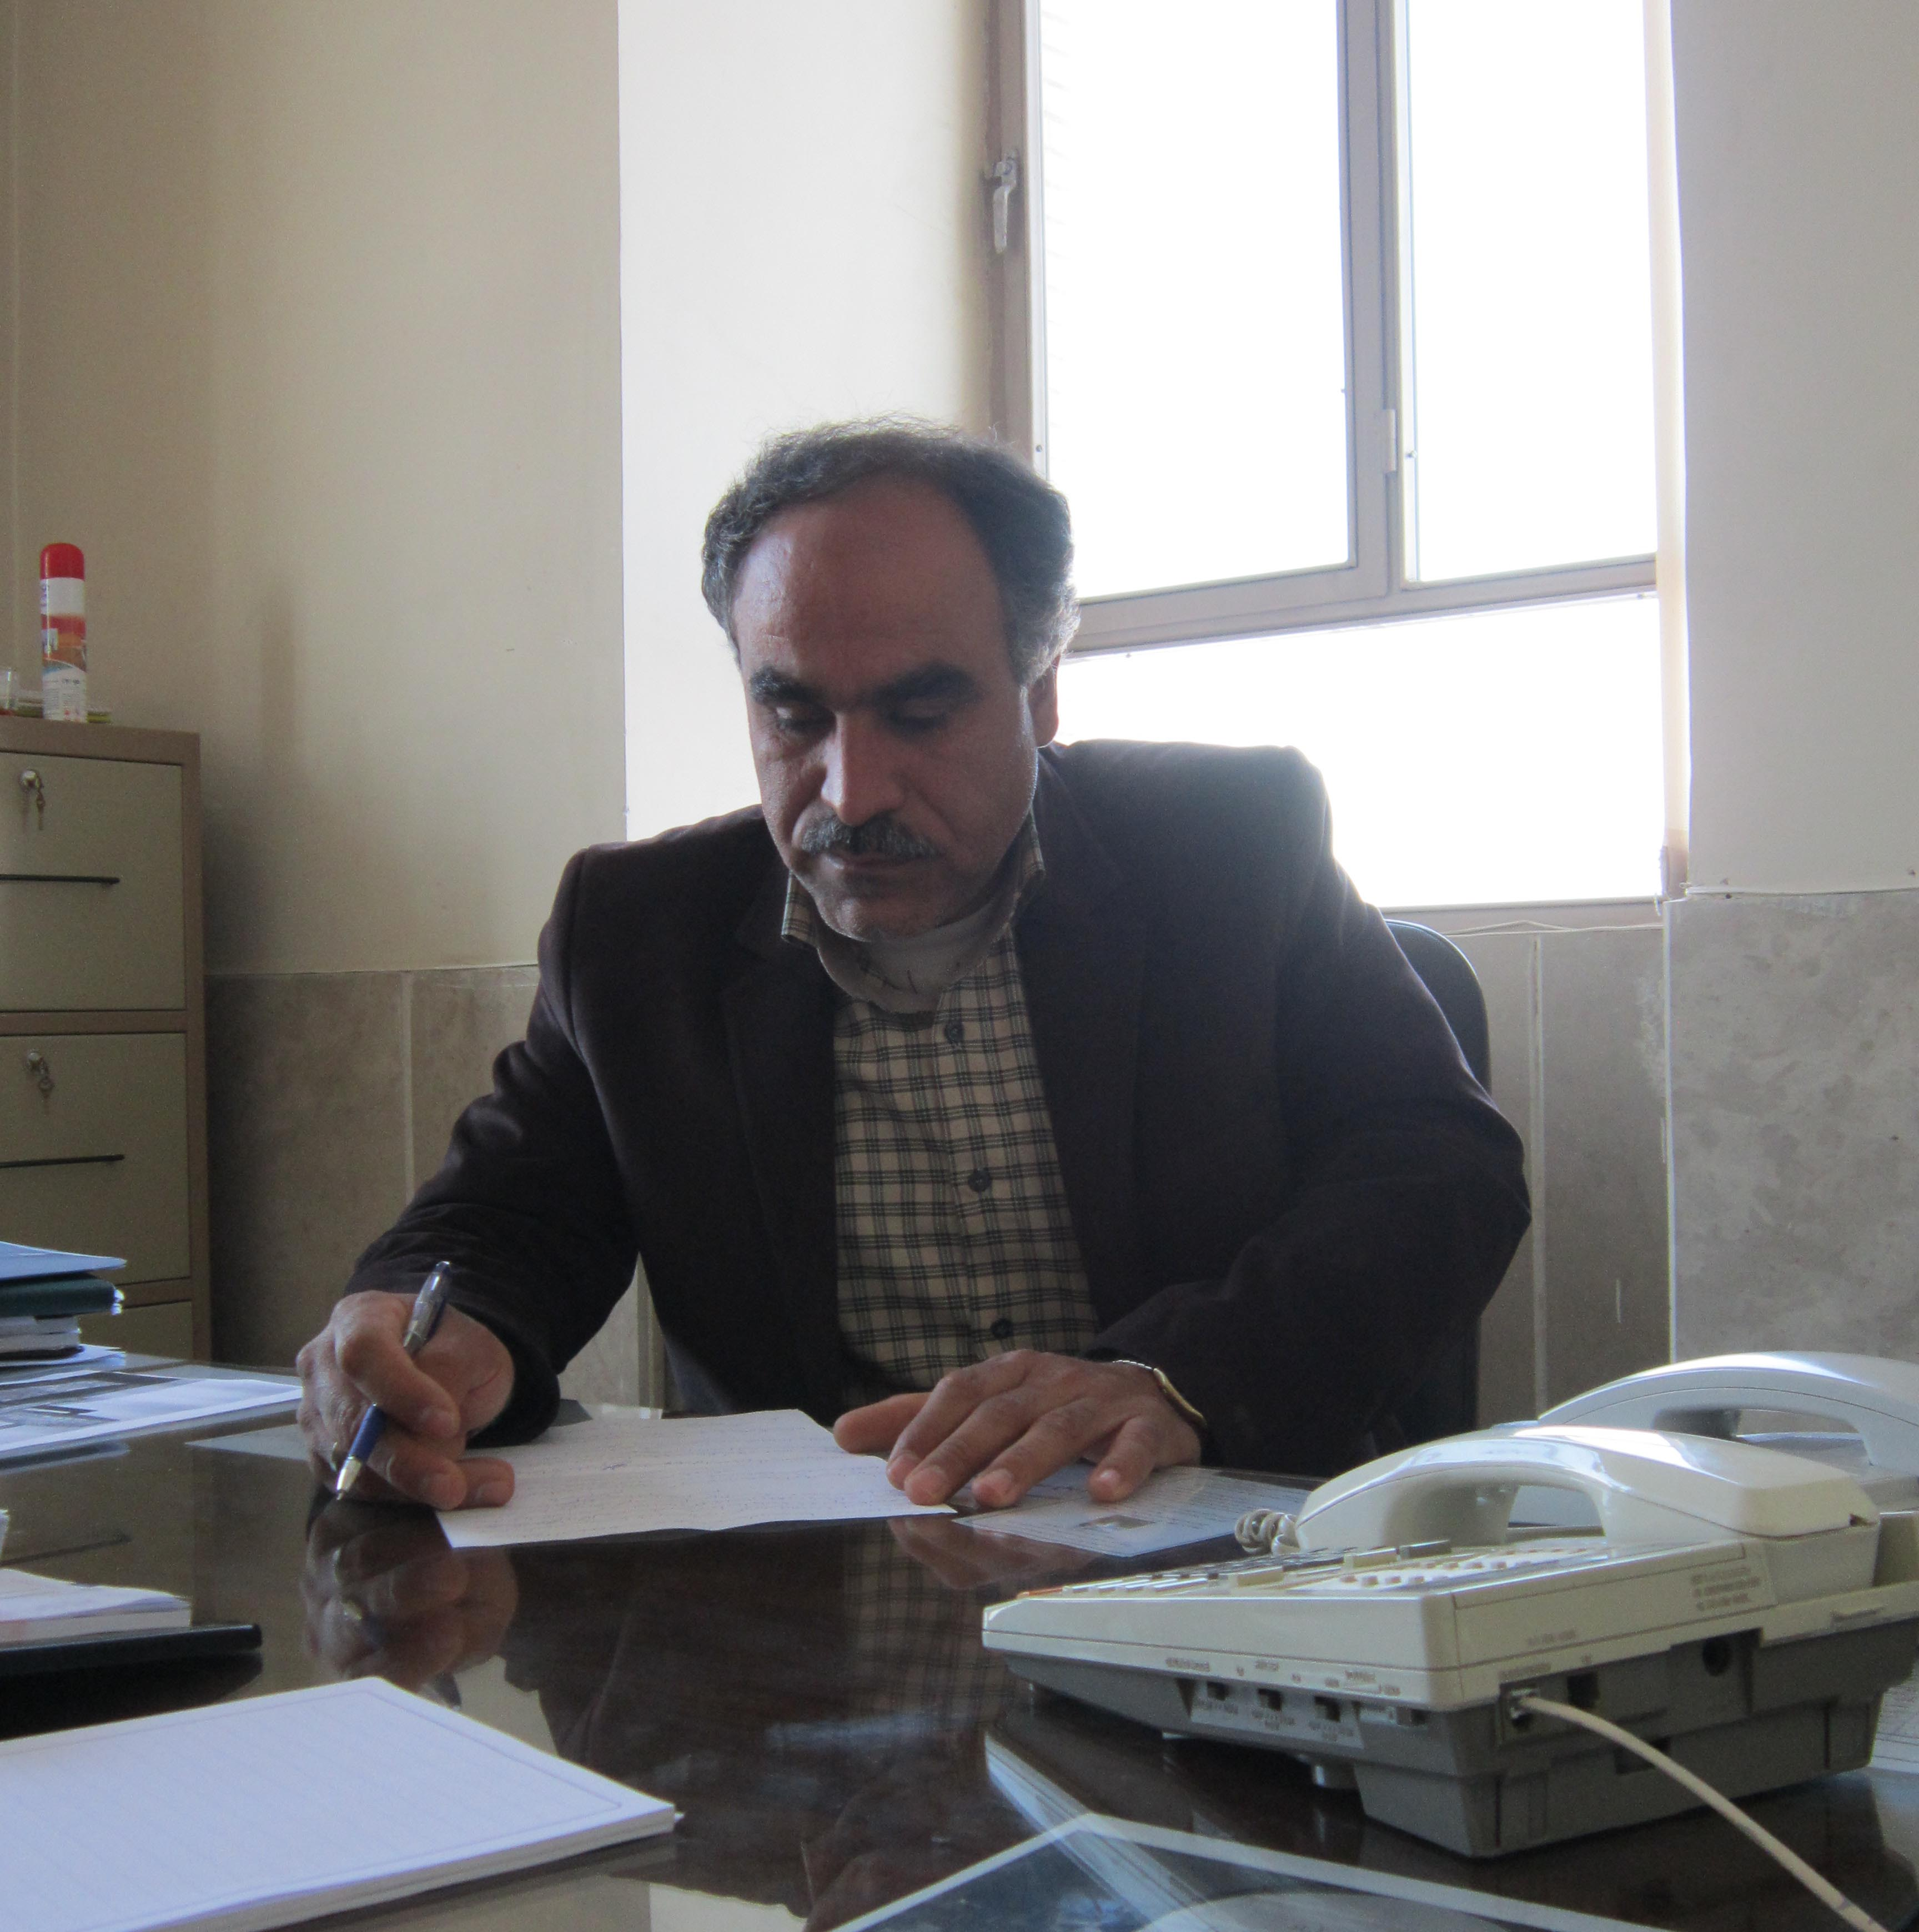 واحد امانی؛ قلبی که گمنام برای شهرداری  نجف آباد می تپد